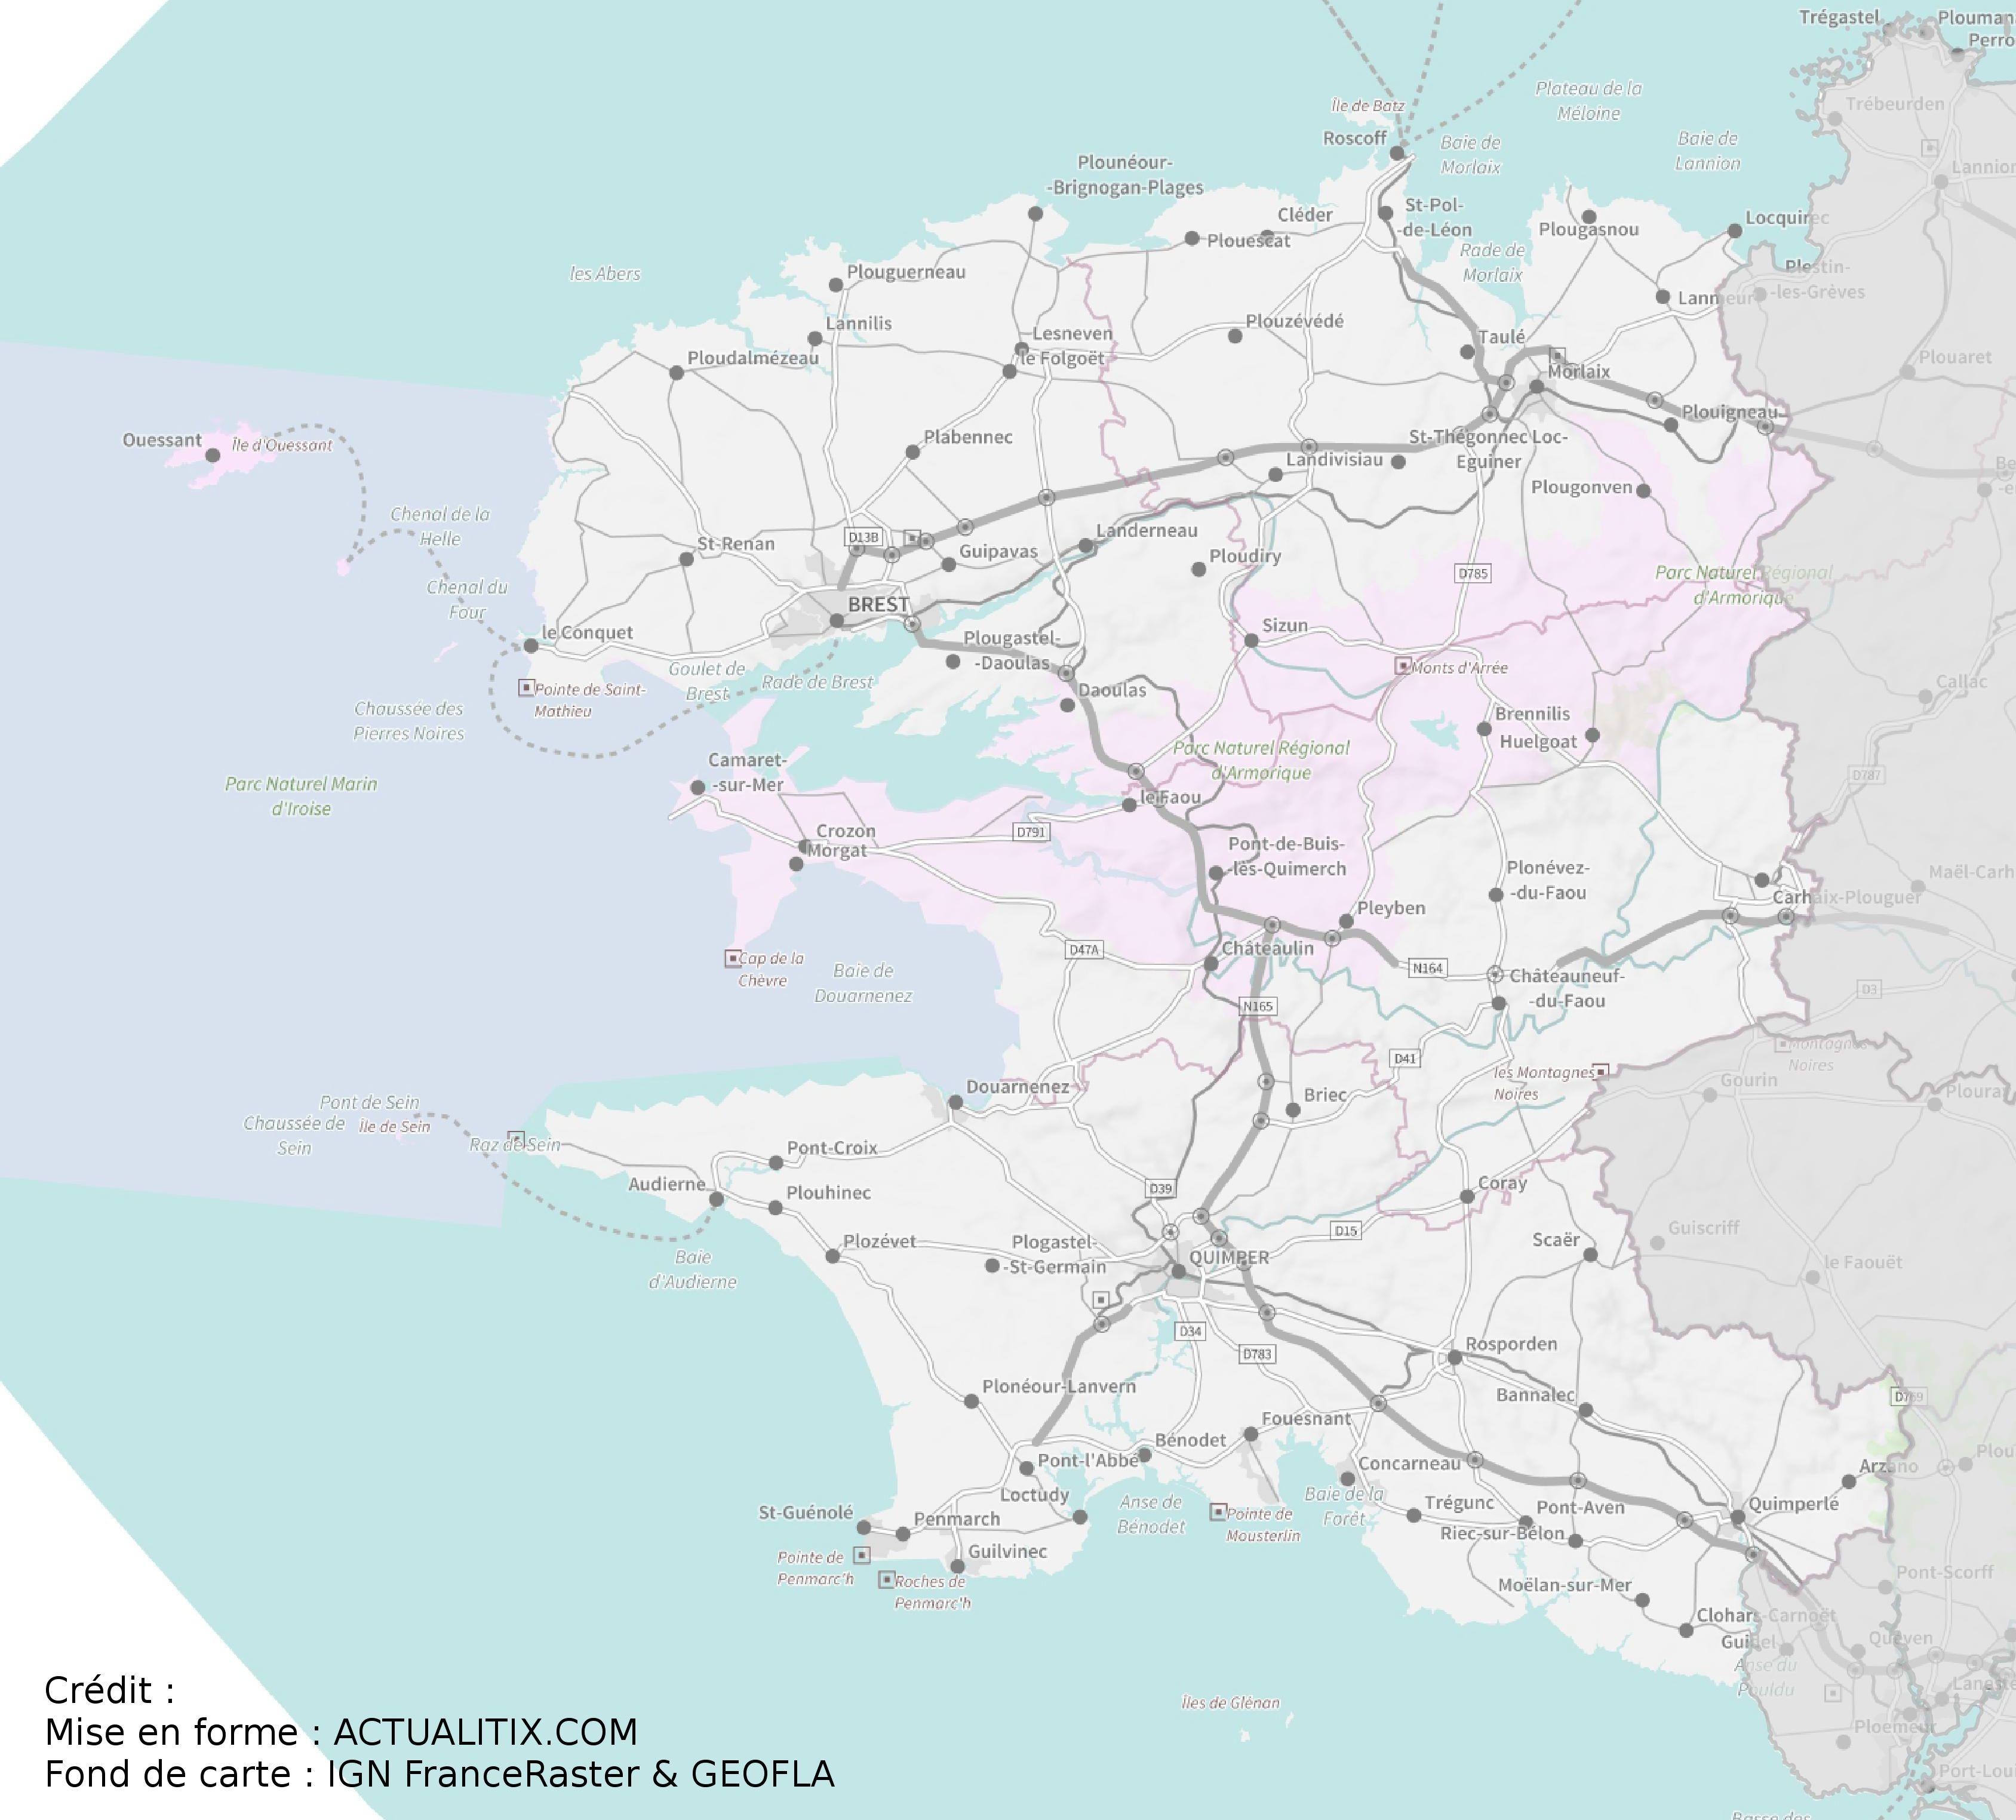 carte du finistere avec les communes Carte du Finistère   Finistère carte des villes, relief, politique